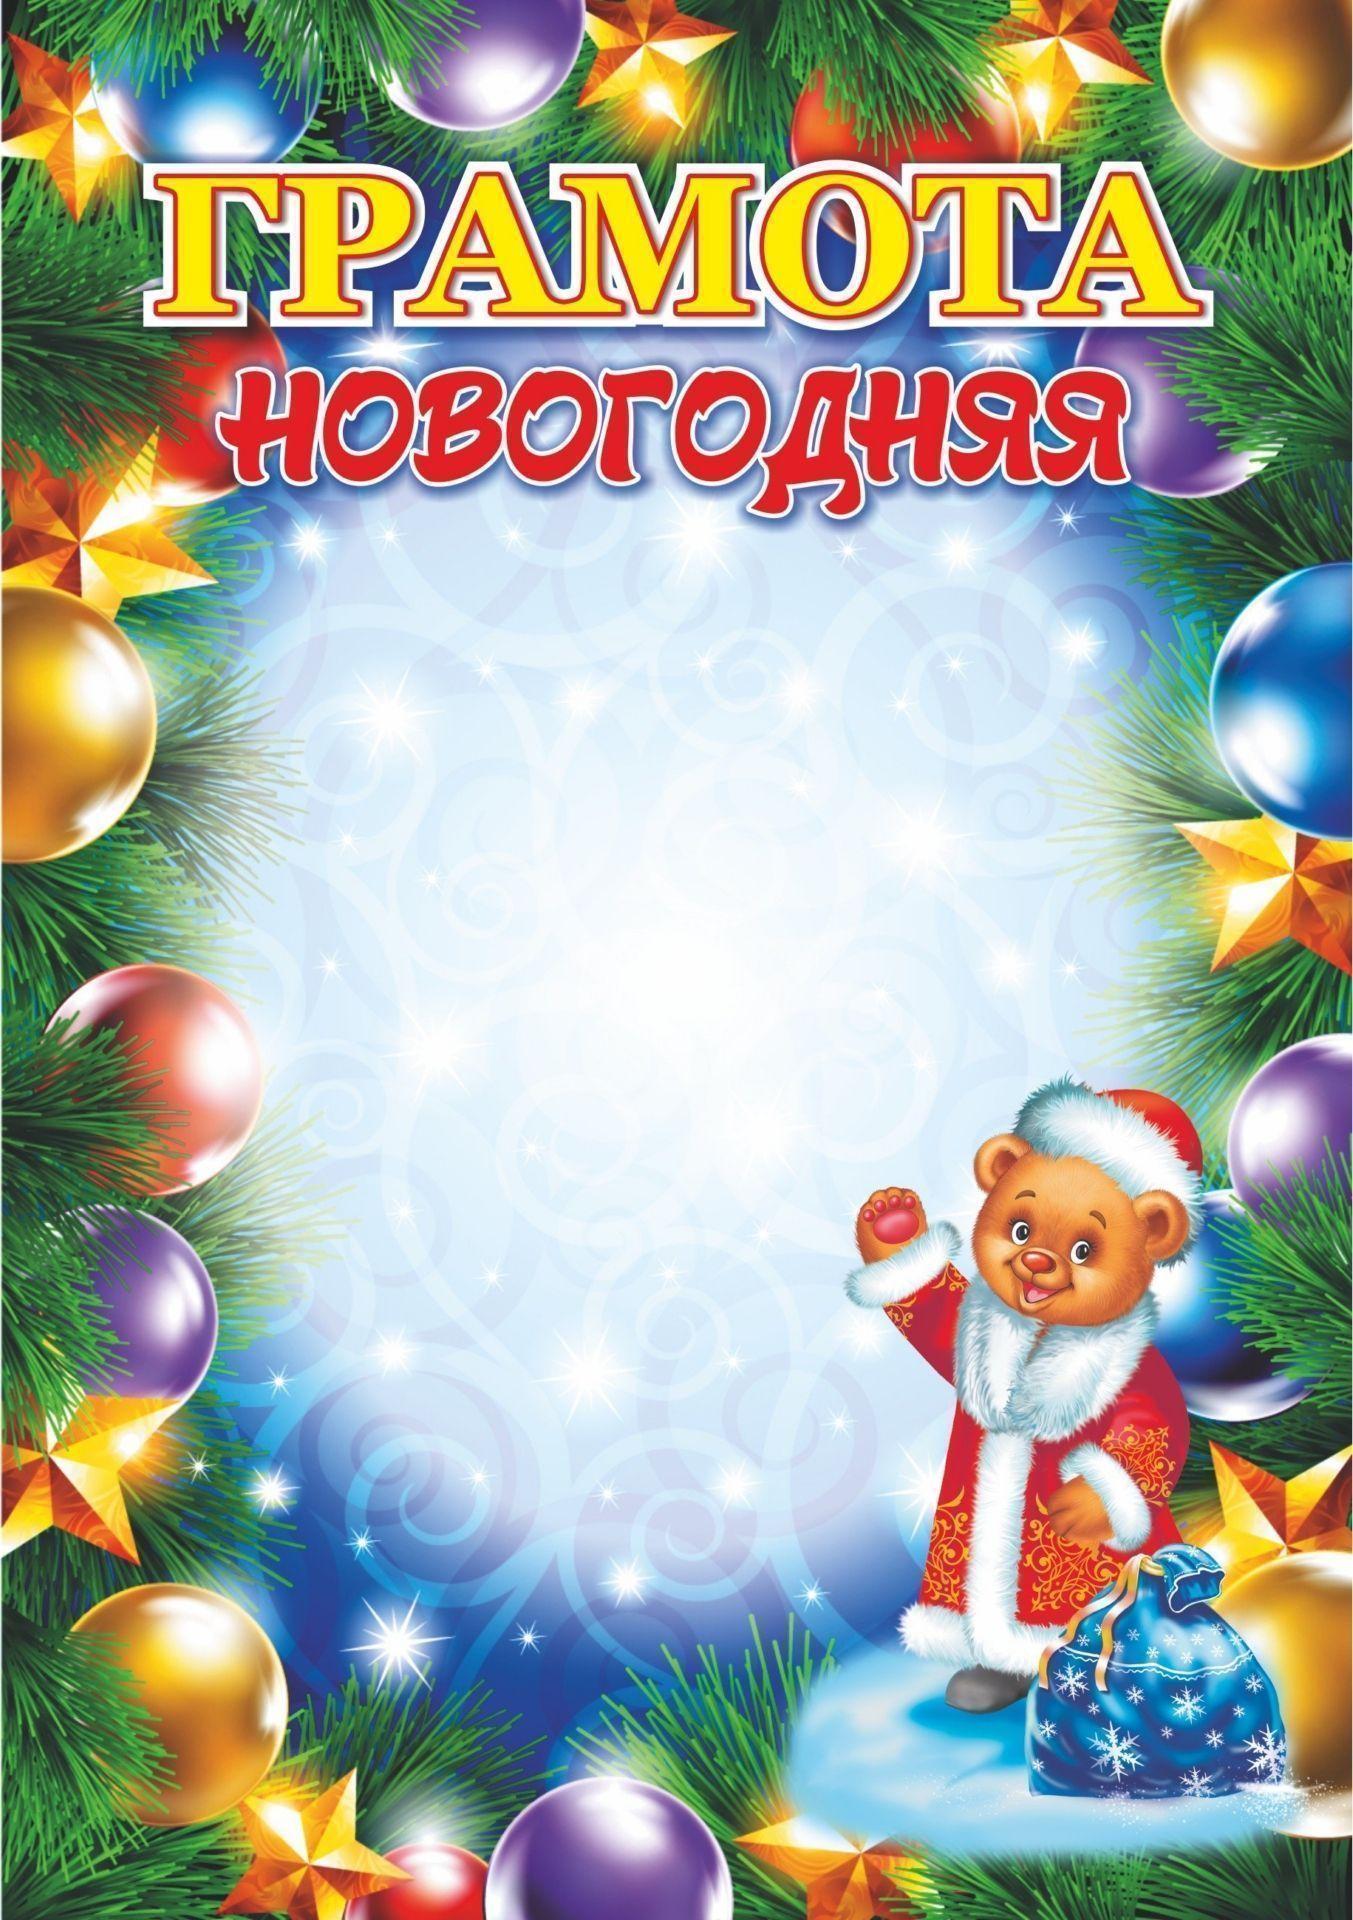 Грамота новогодняя (с Плюшиком, в образе Деда Мороза): Формат А5